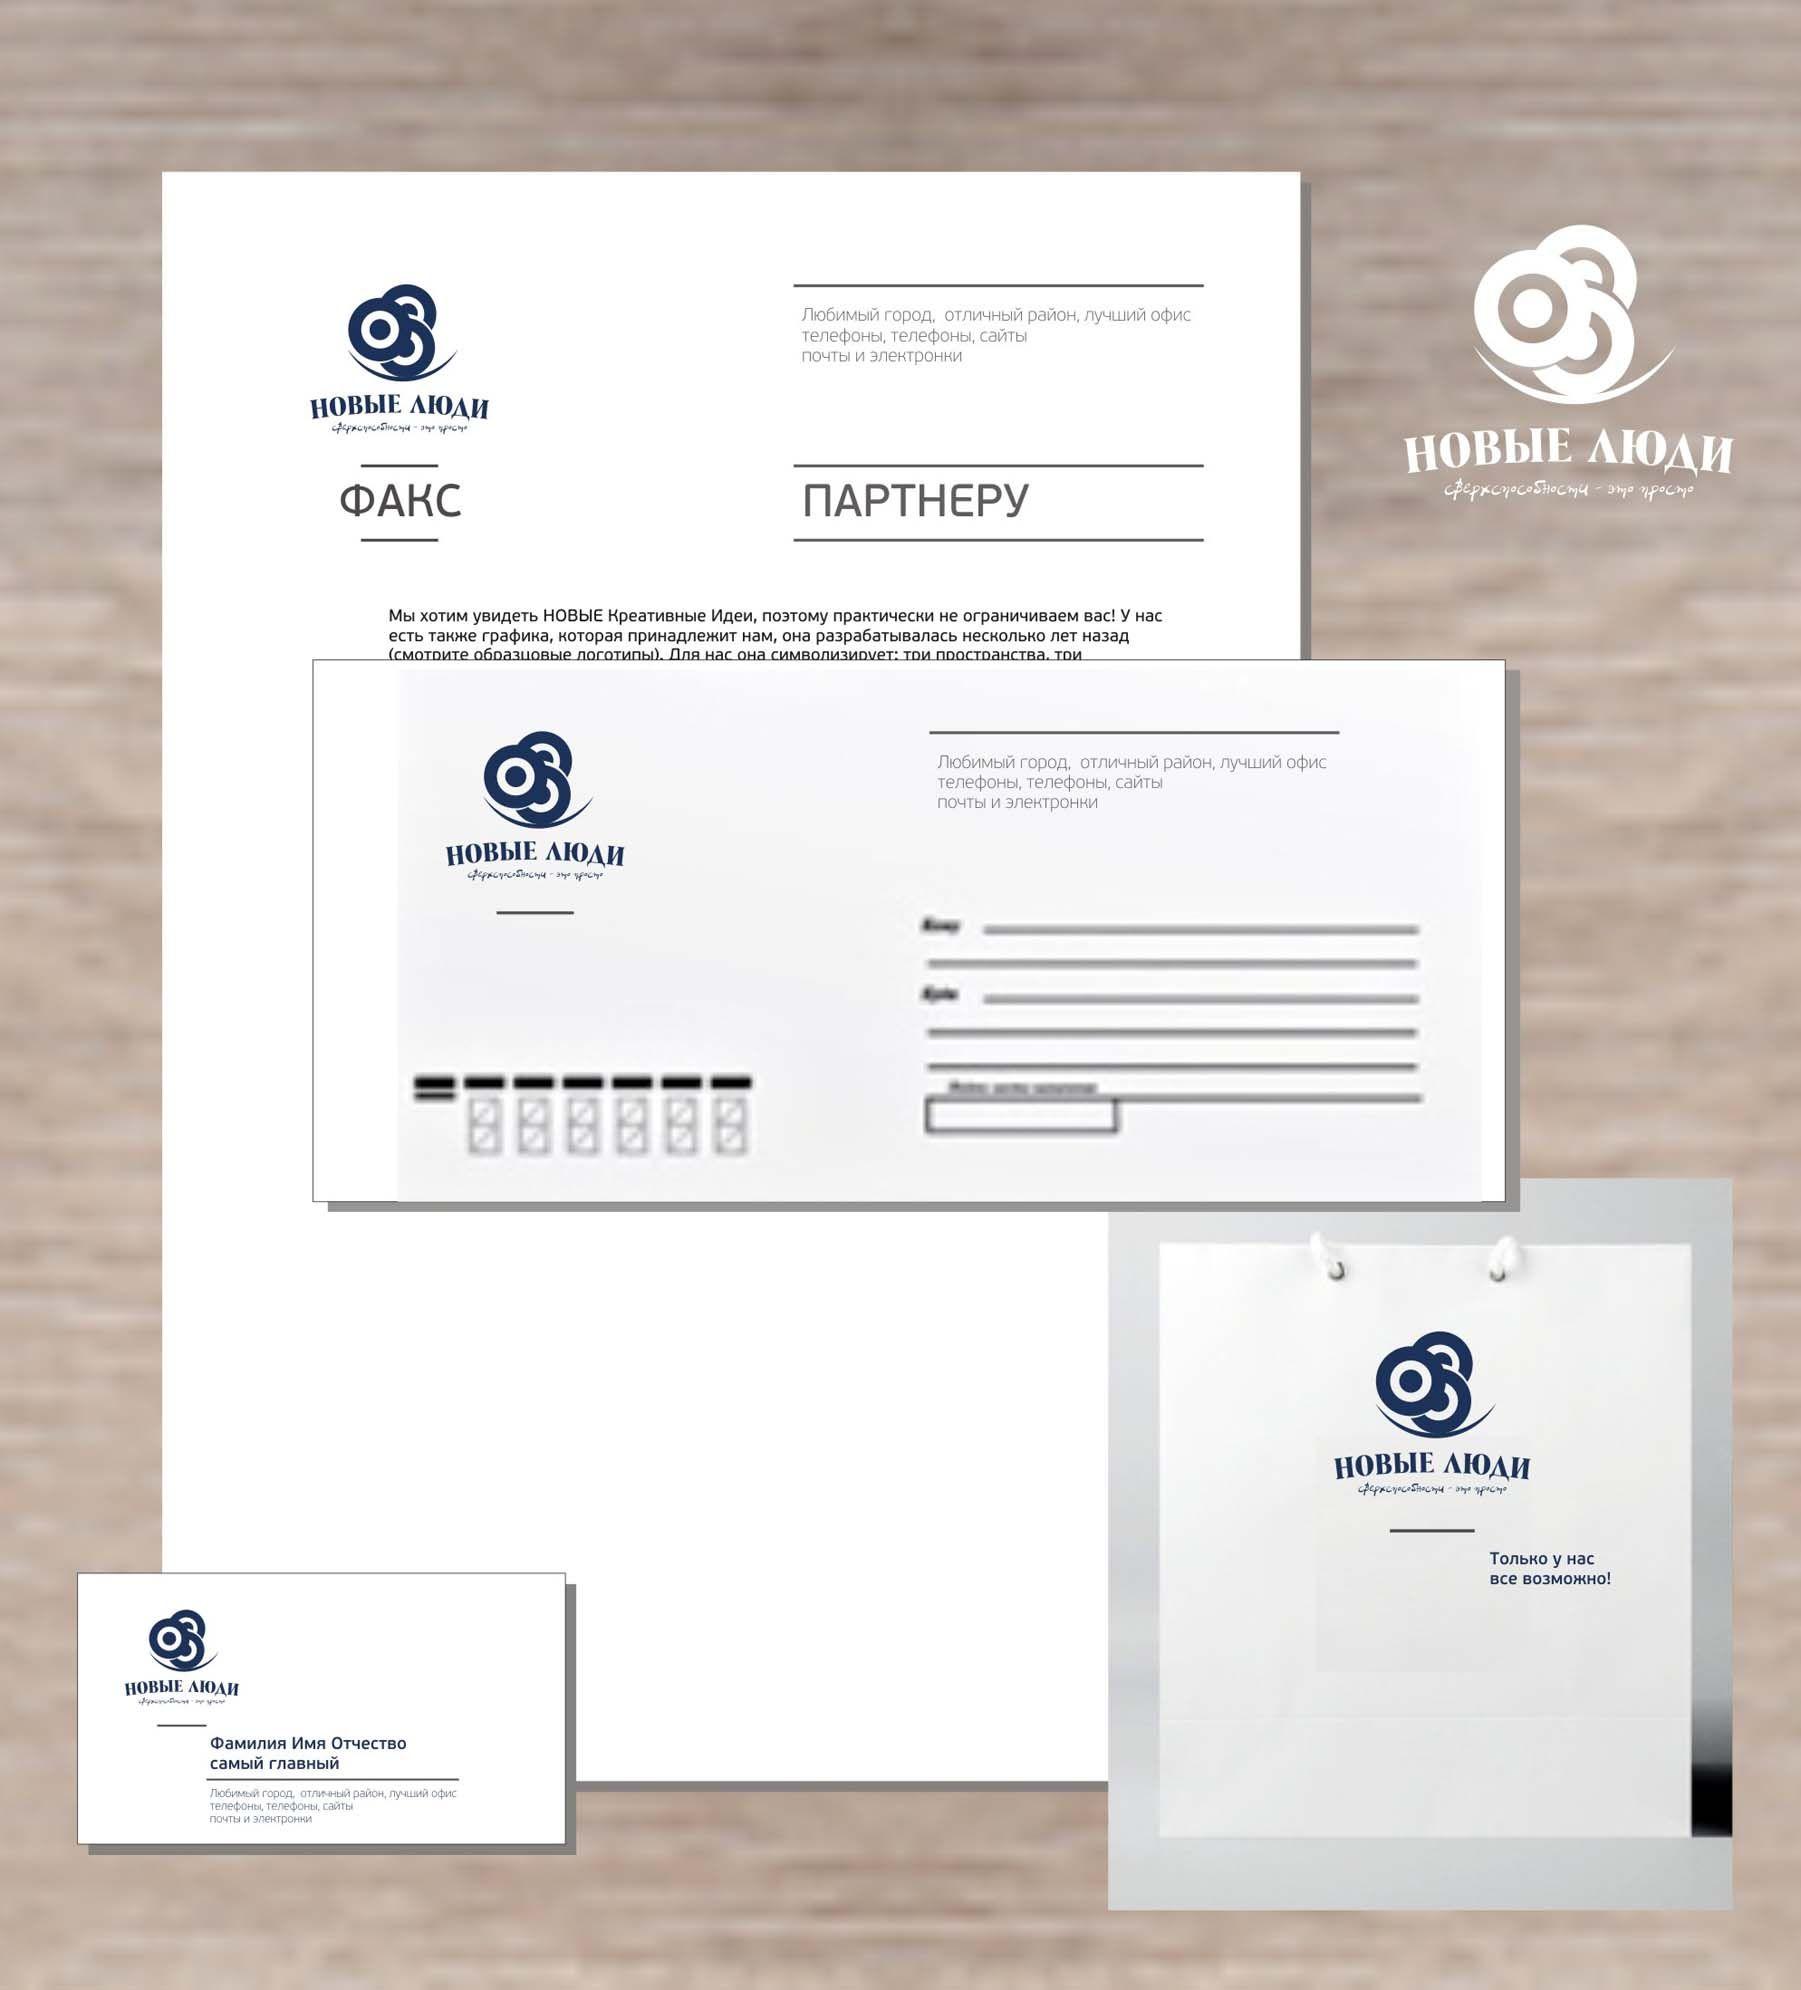 Лого и стиль тренингового центра/системы знаний - дизайнер arank